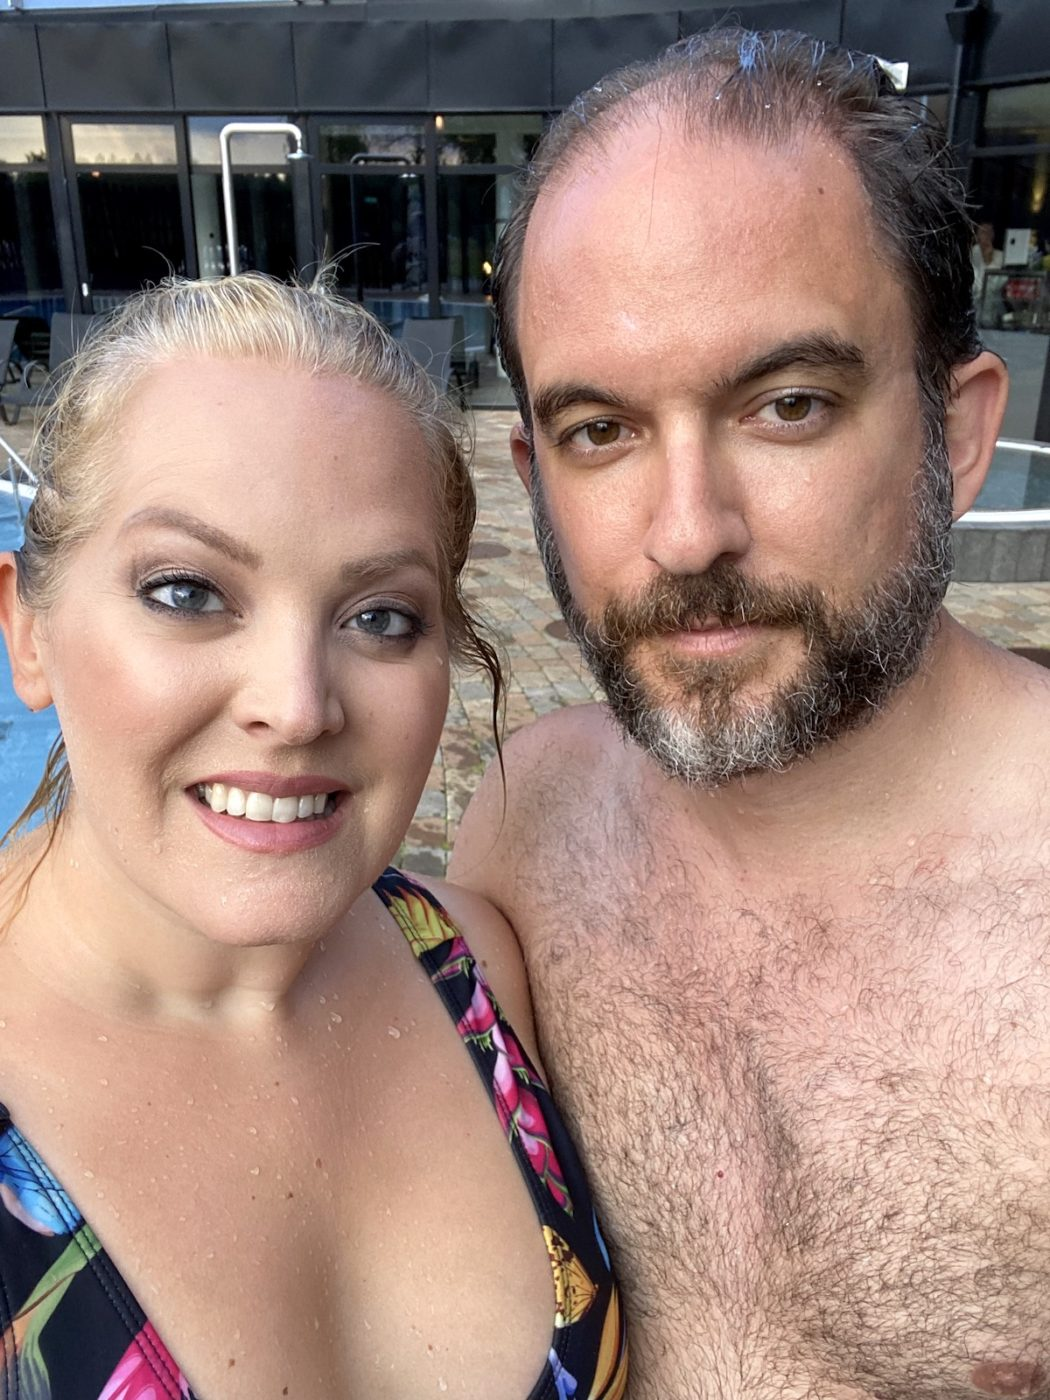 Elin och hennes man i närbild. Båda ler och har badkläder på sig.